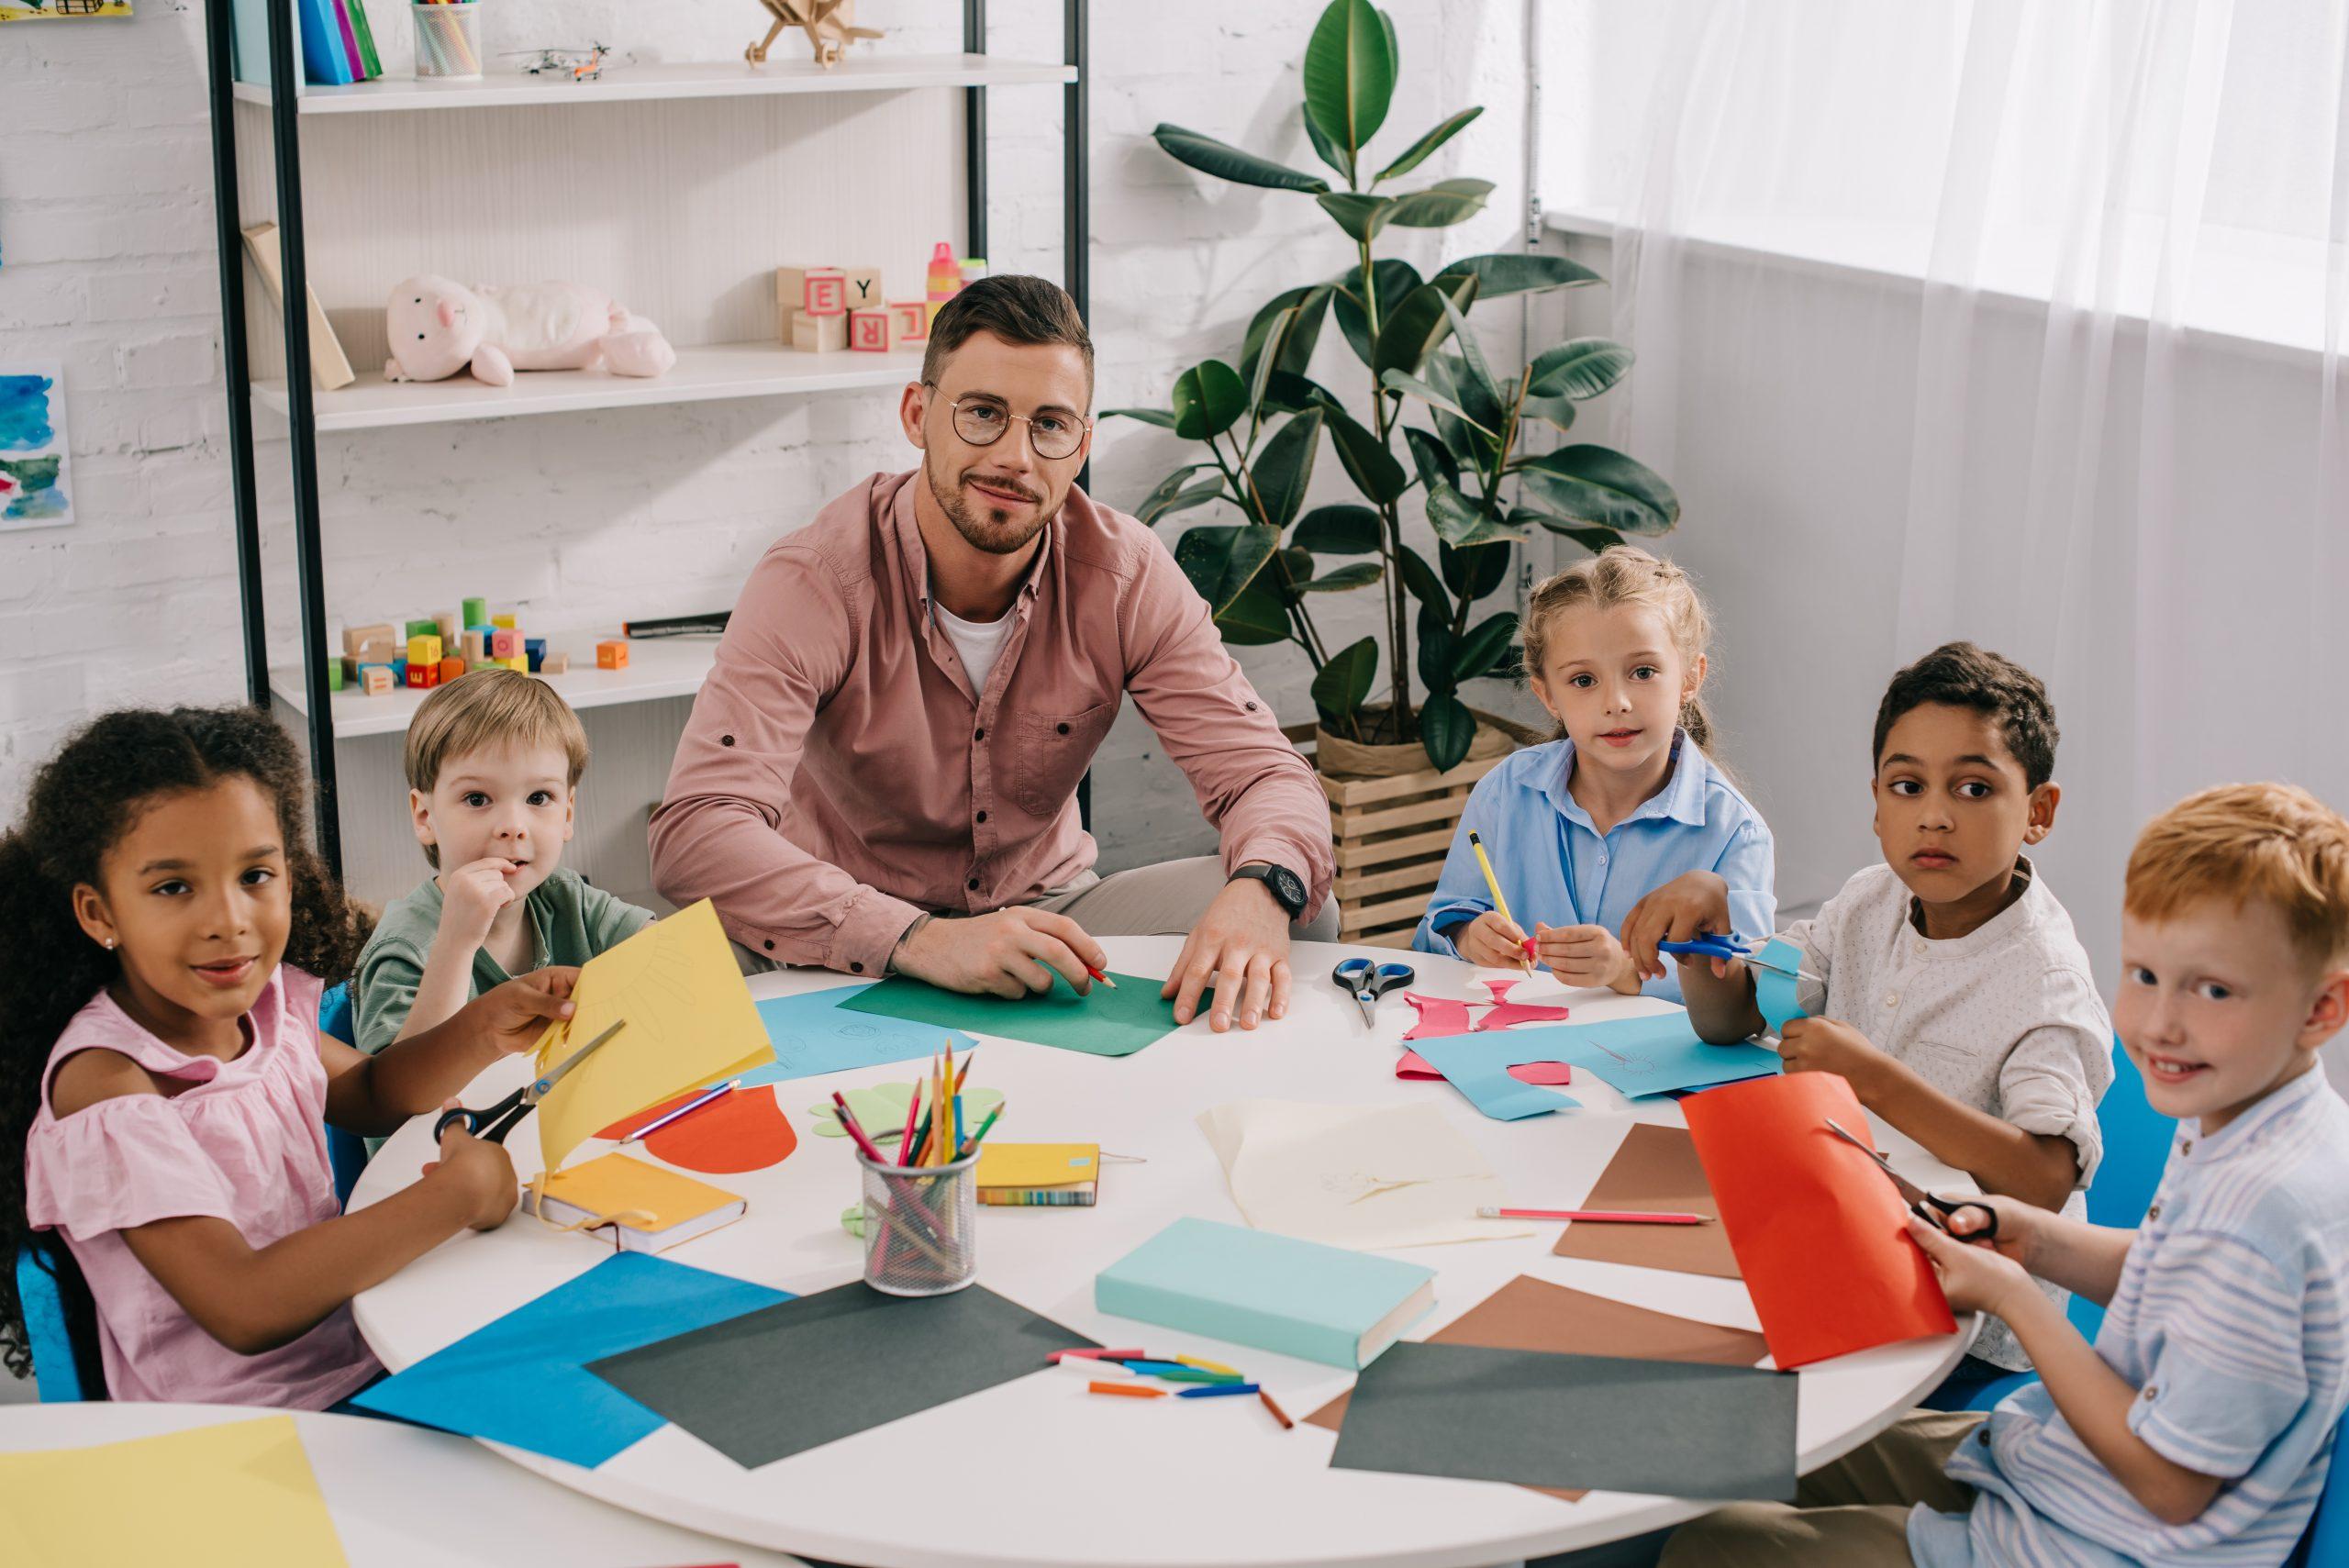 Erzieher sitzt am Tisch mit vielen Kindern - Deutsches Ferninstitut für Bildung, Pädagogik und Sozialmanagement GmbH